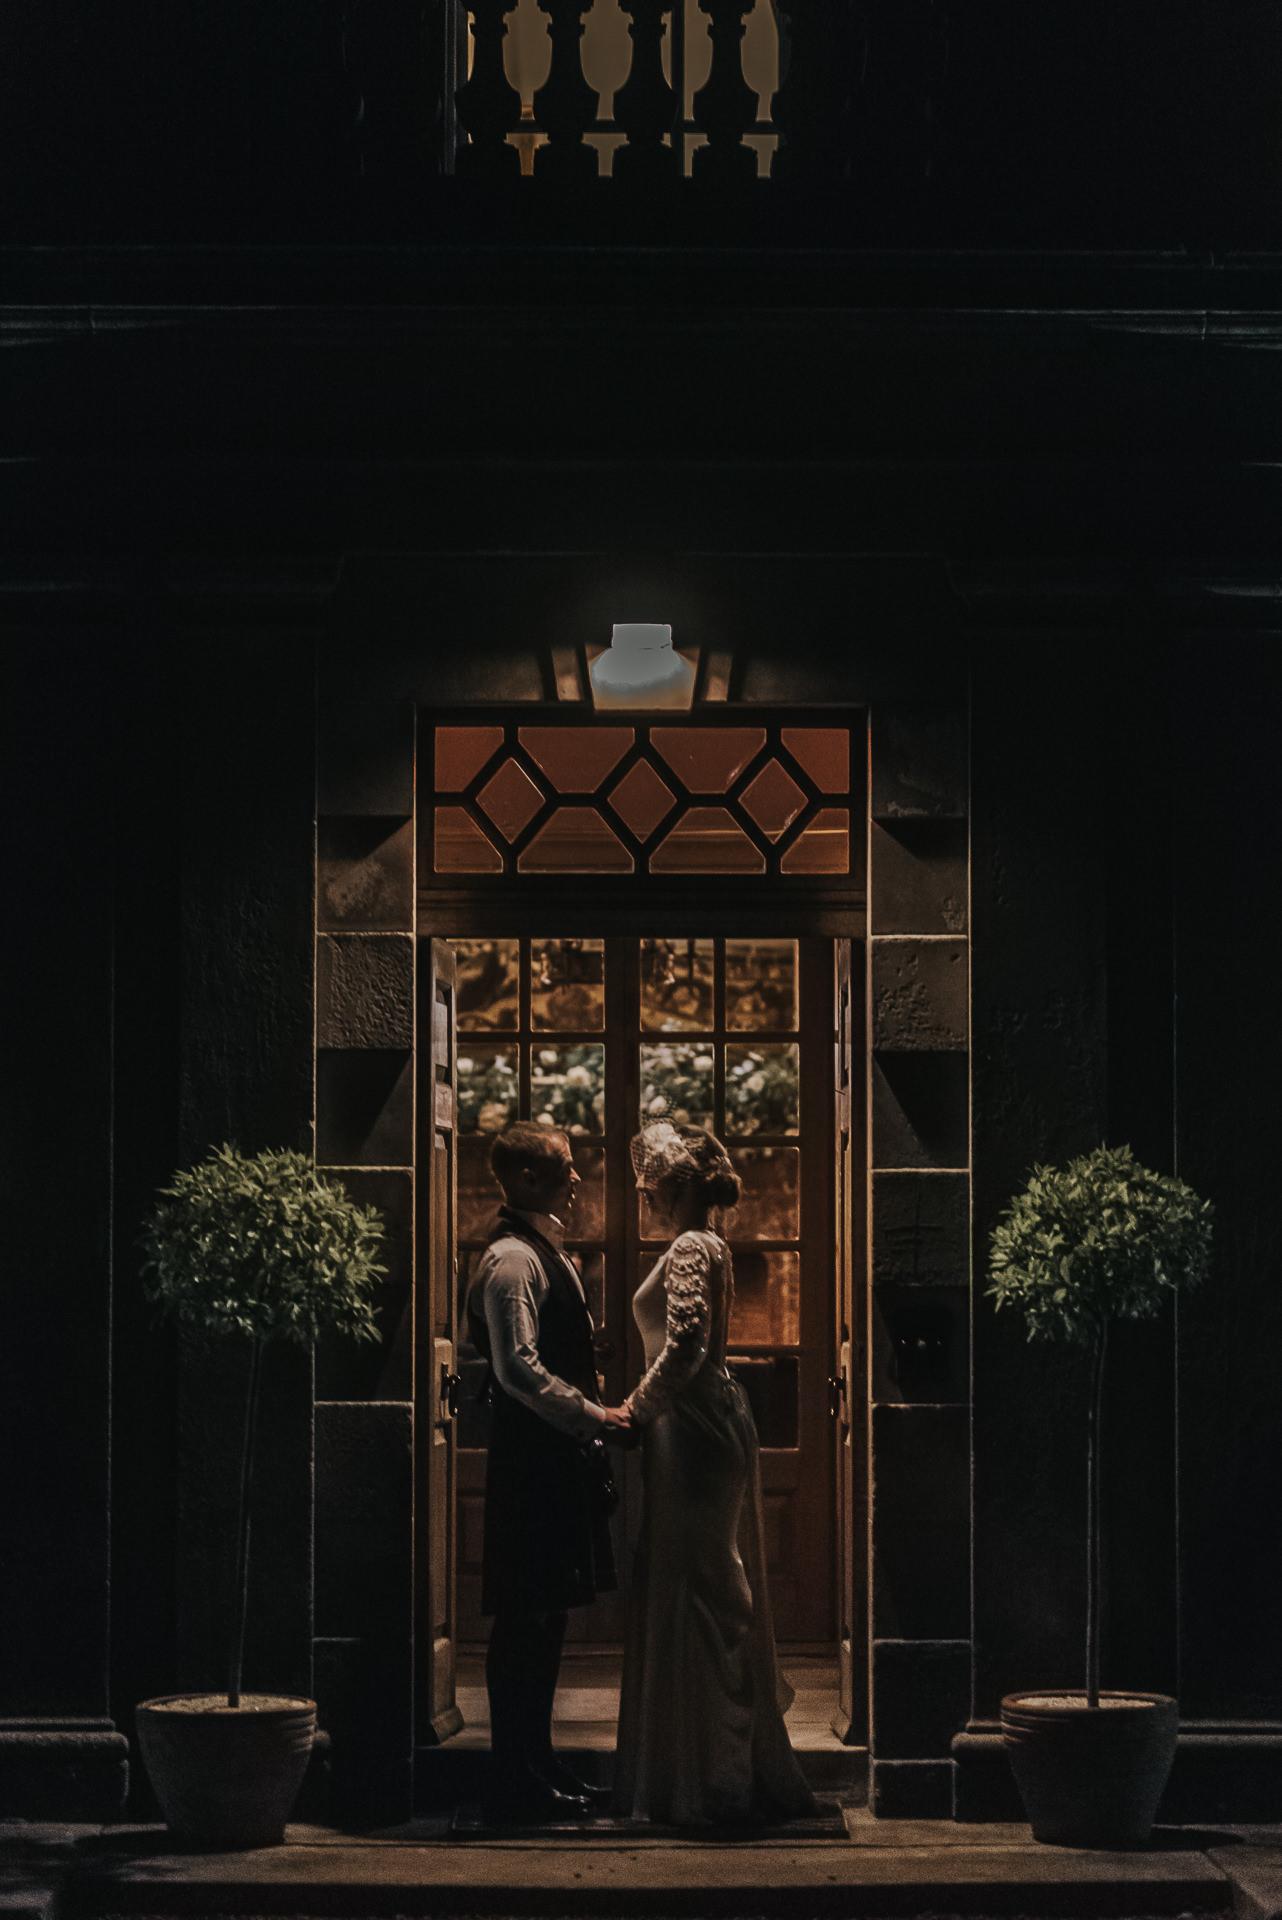 Gilmerton House wedding photos, weddings Gilmerton House, wedding photographer Edinburgh, wedding photographer Scotland, wedding photographer Glasgow, Karol Makula Photography, wedding photography Scotland, Scotland wedding photographer